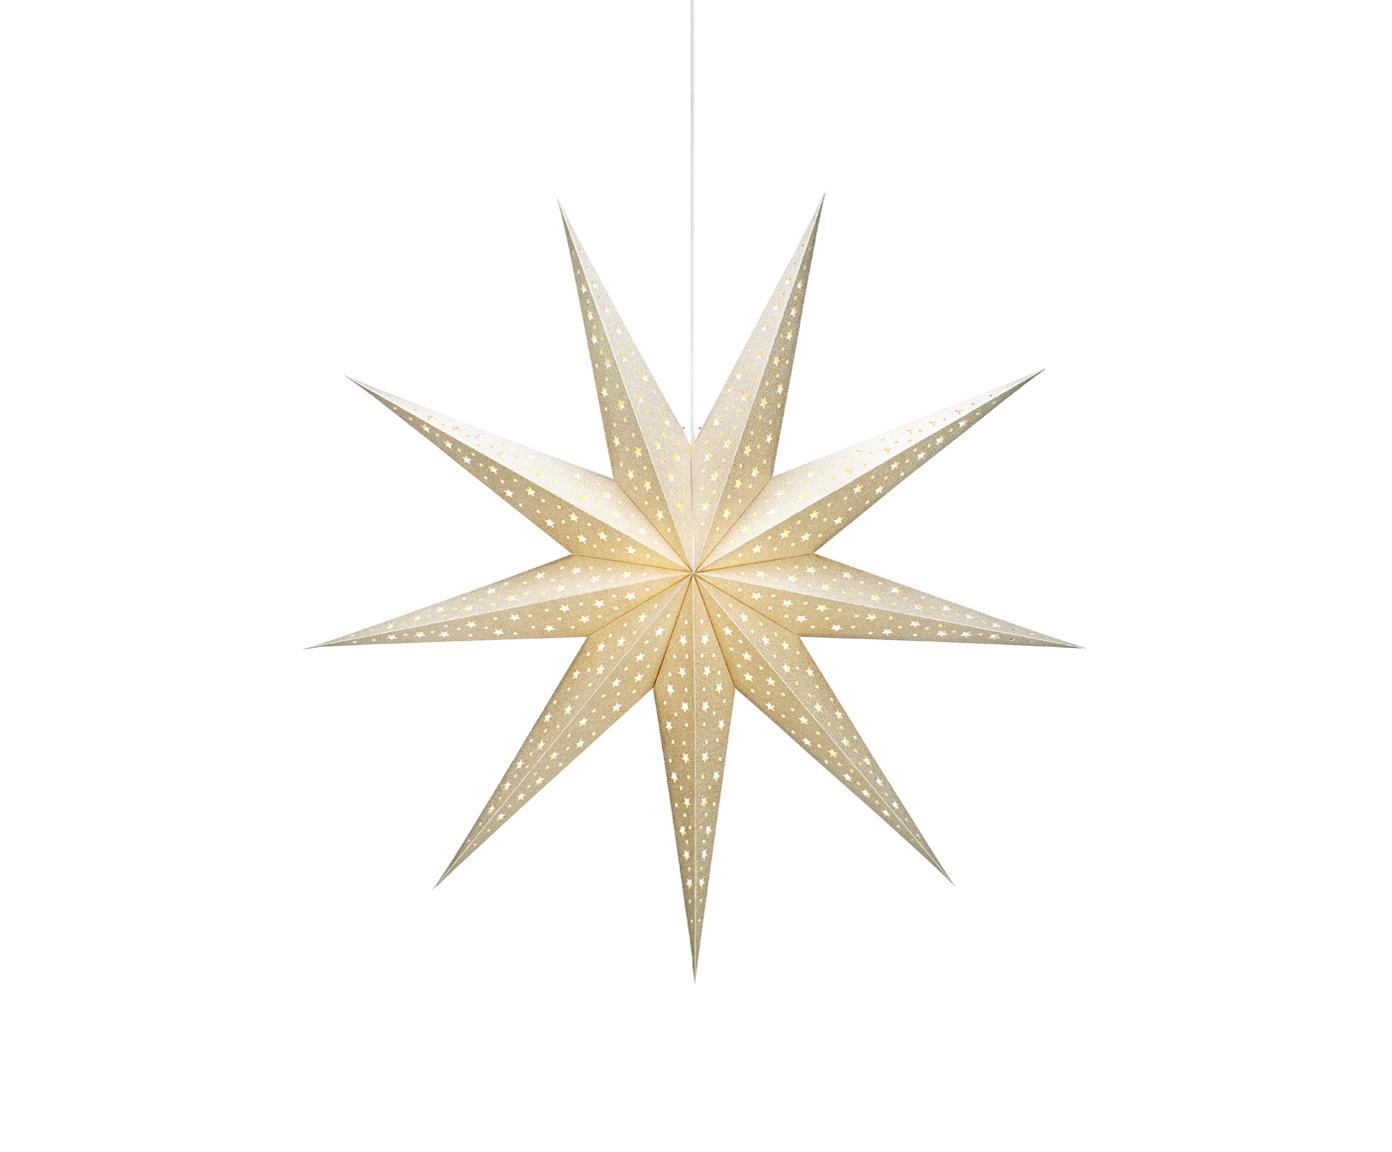 Leuchtstern Solvalla, Leuchtstern: GoldfarbenKabel: Weiß, Ø 100 x T 28 cm